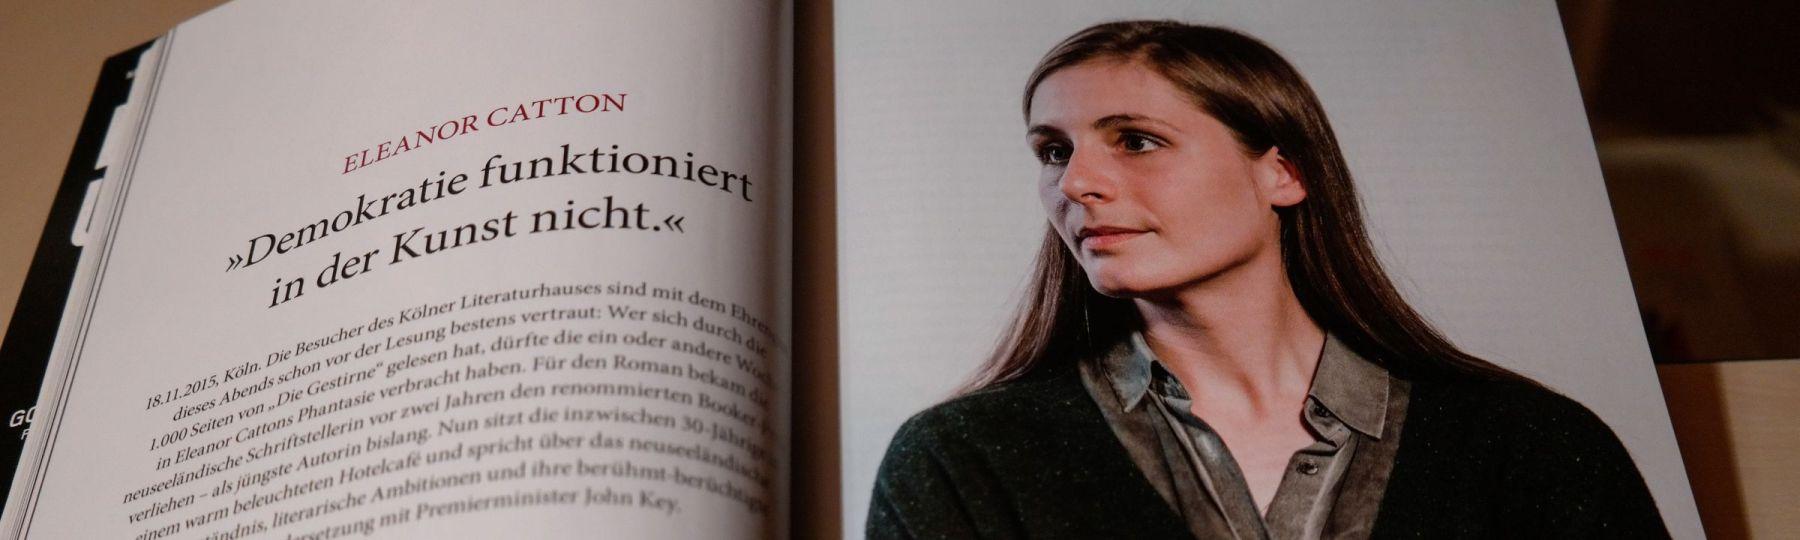 Eleanor Catton